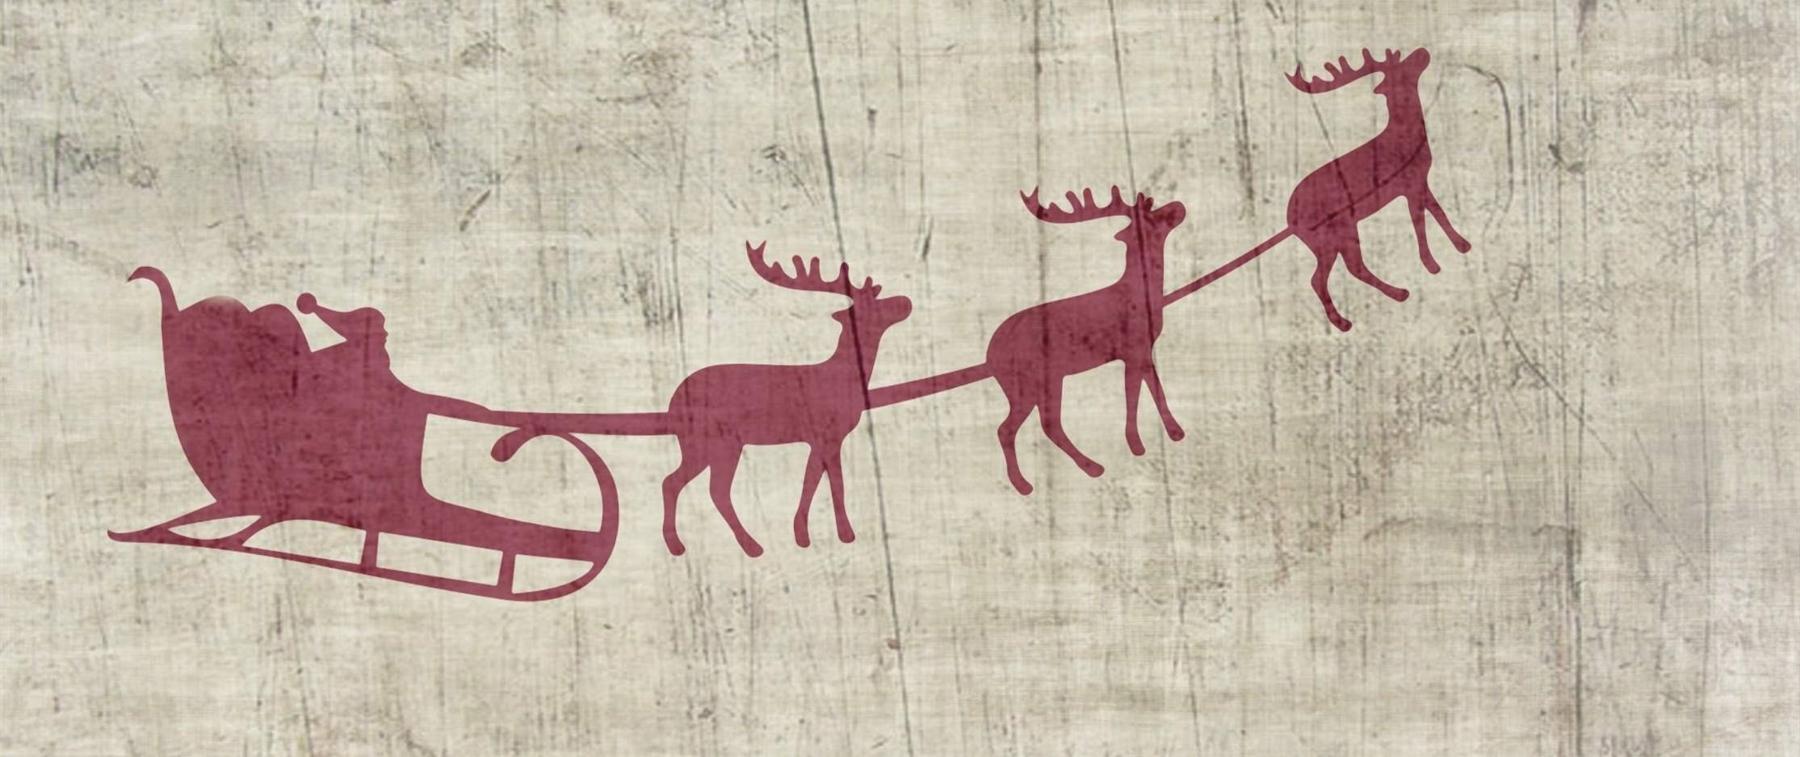 Santa sleigh with reindeers